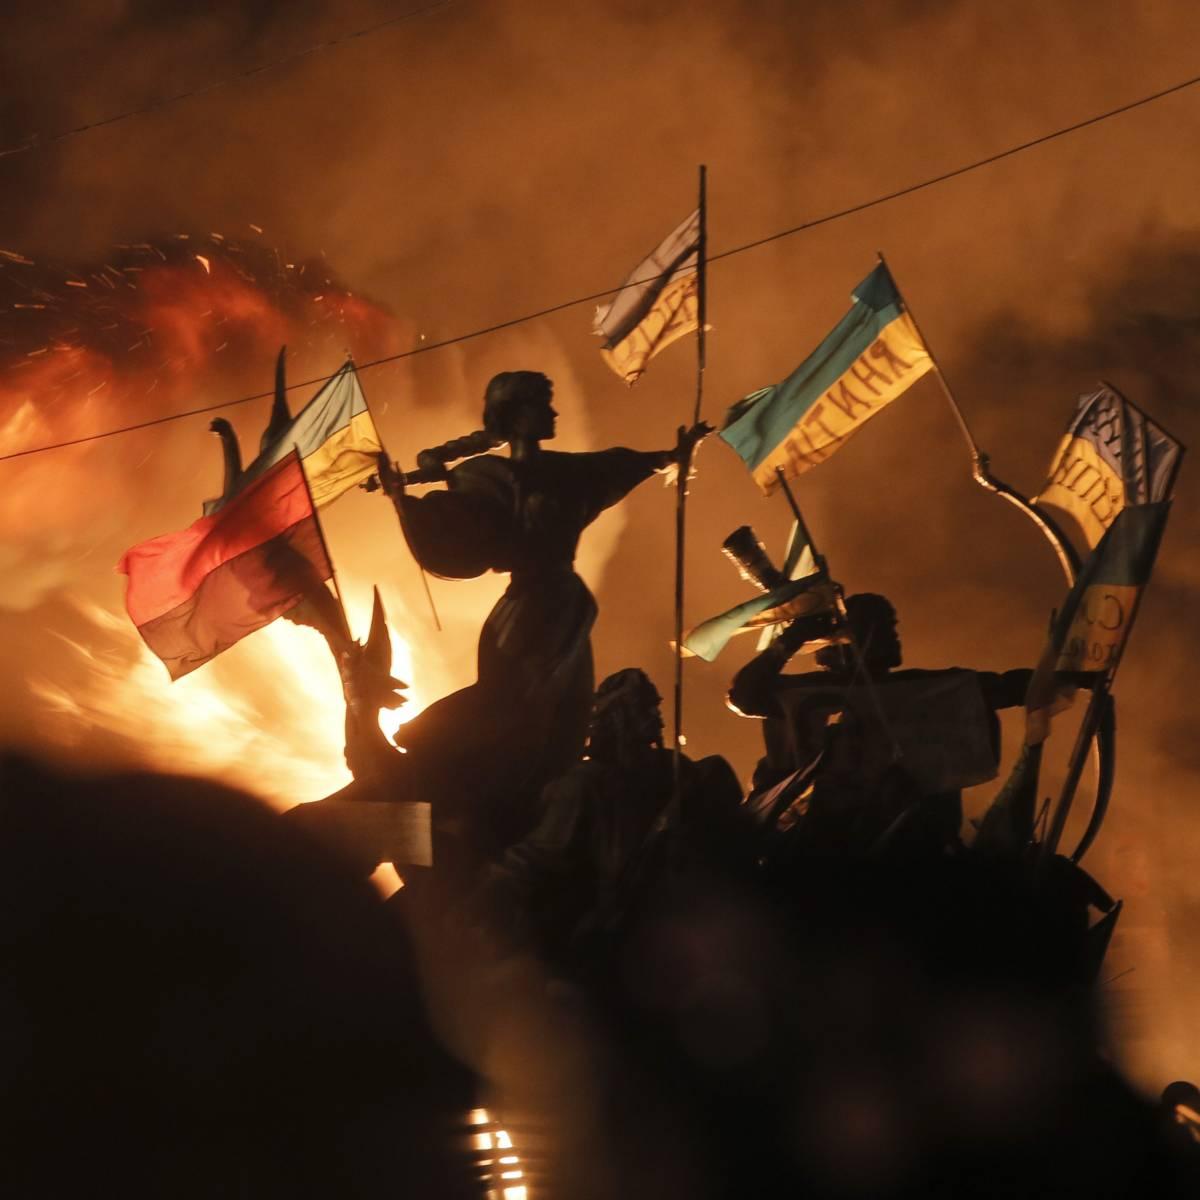 Взгляд из Греции: особенности постмайданной власти на Украине